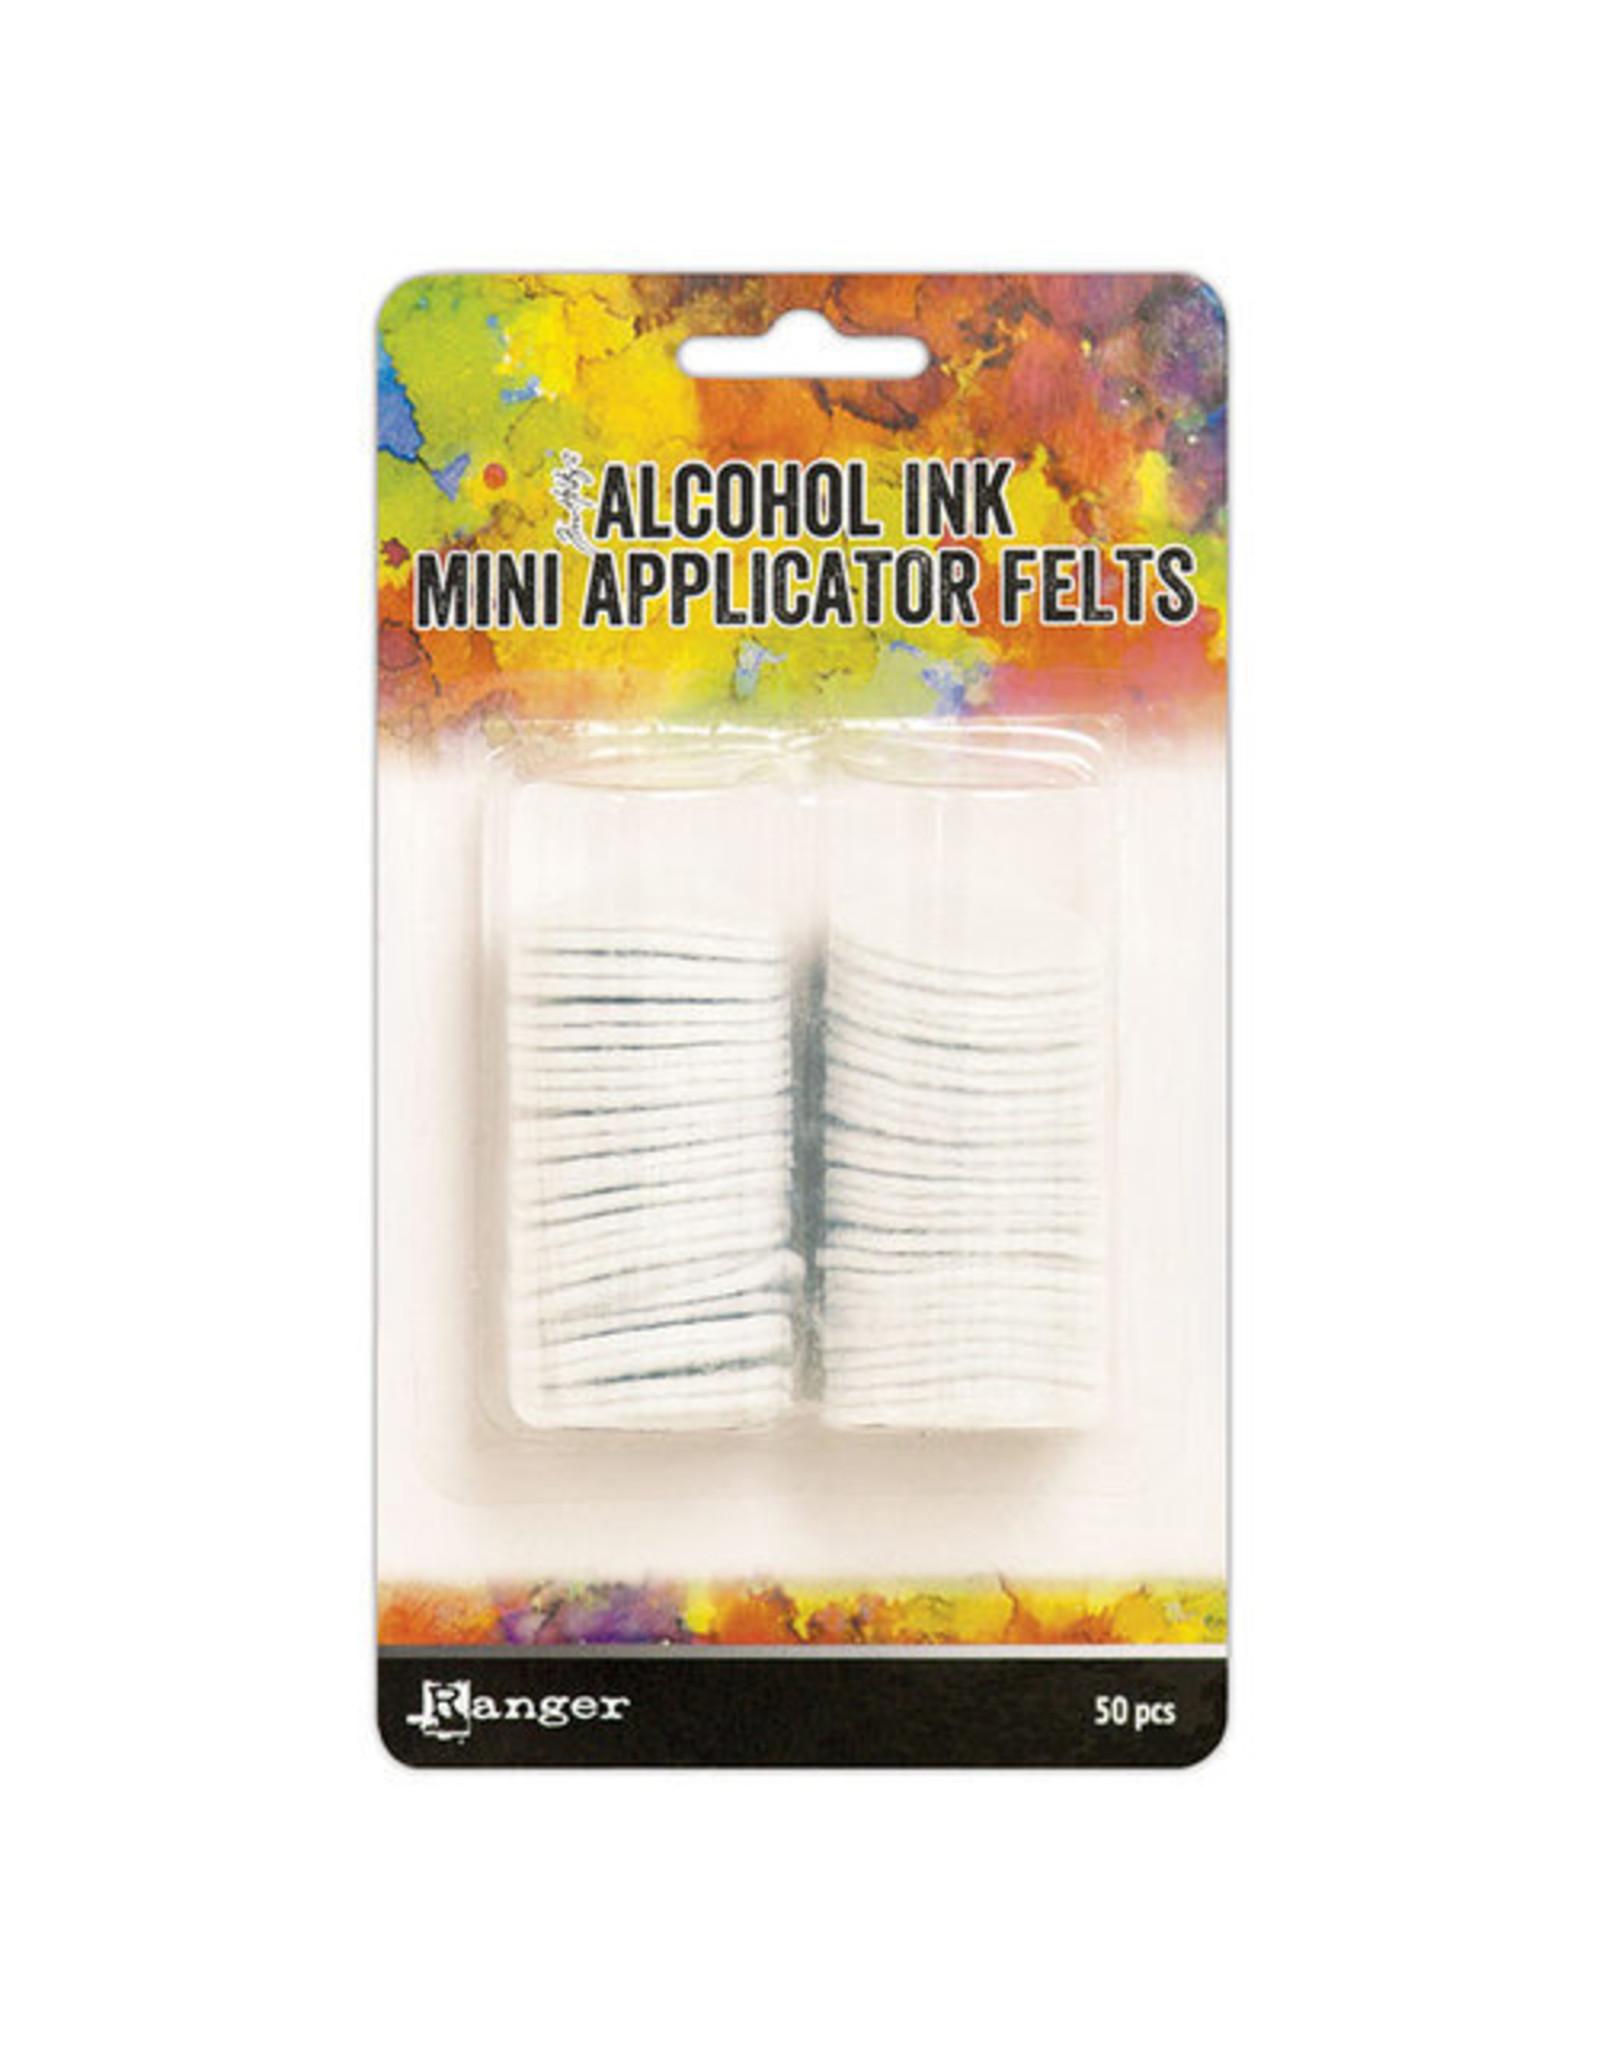 Ranger Alcohol Ink Mini Applicator Felts (50pcs)